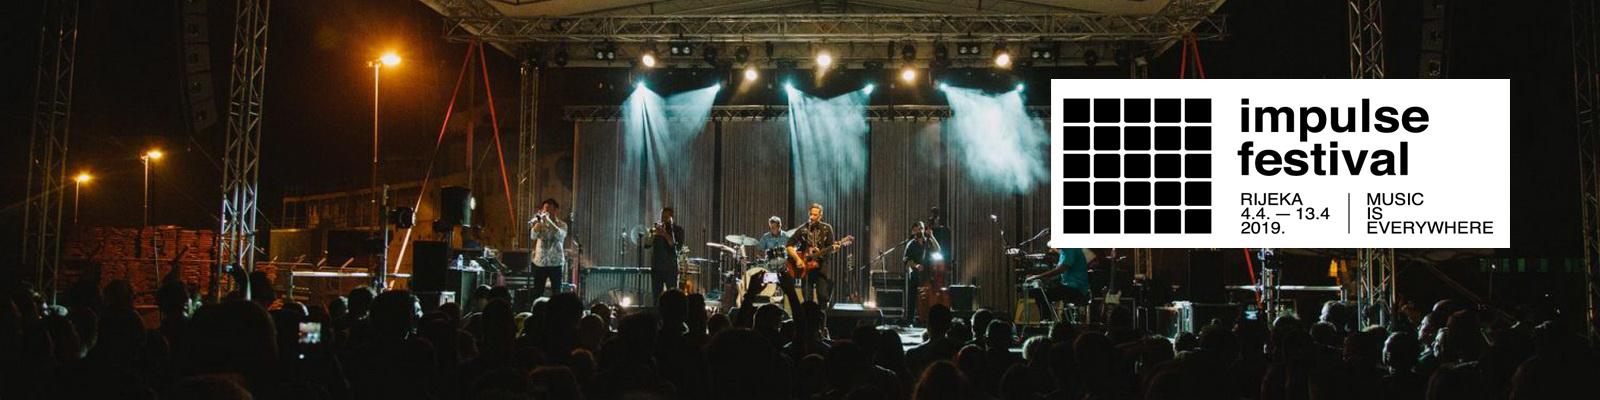 Impulse festival 2019